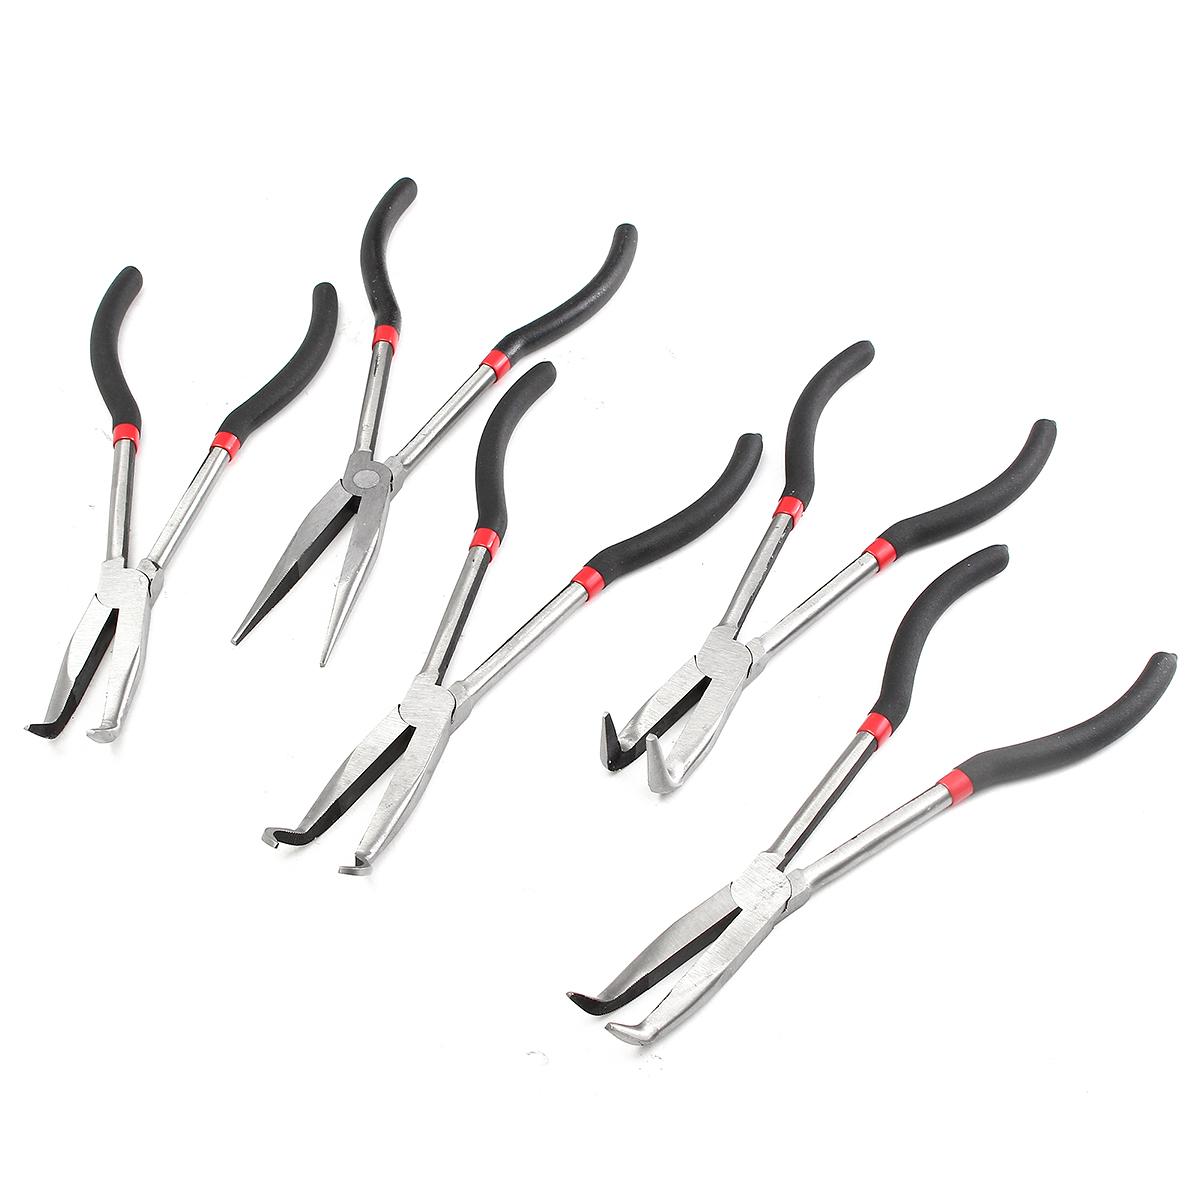 5pcs 11 Inch Needle Nose Pliers Set Long Reach Tool Pliers Sale